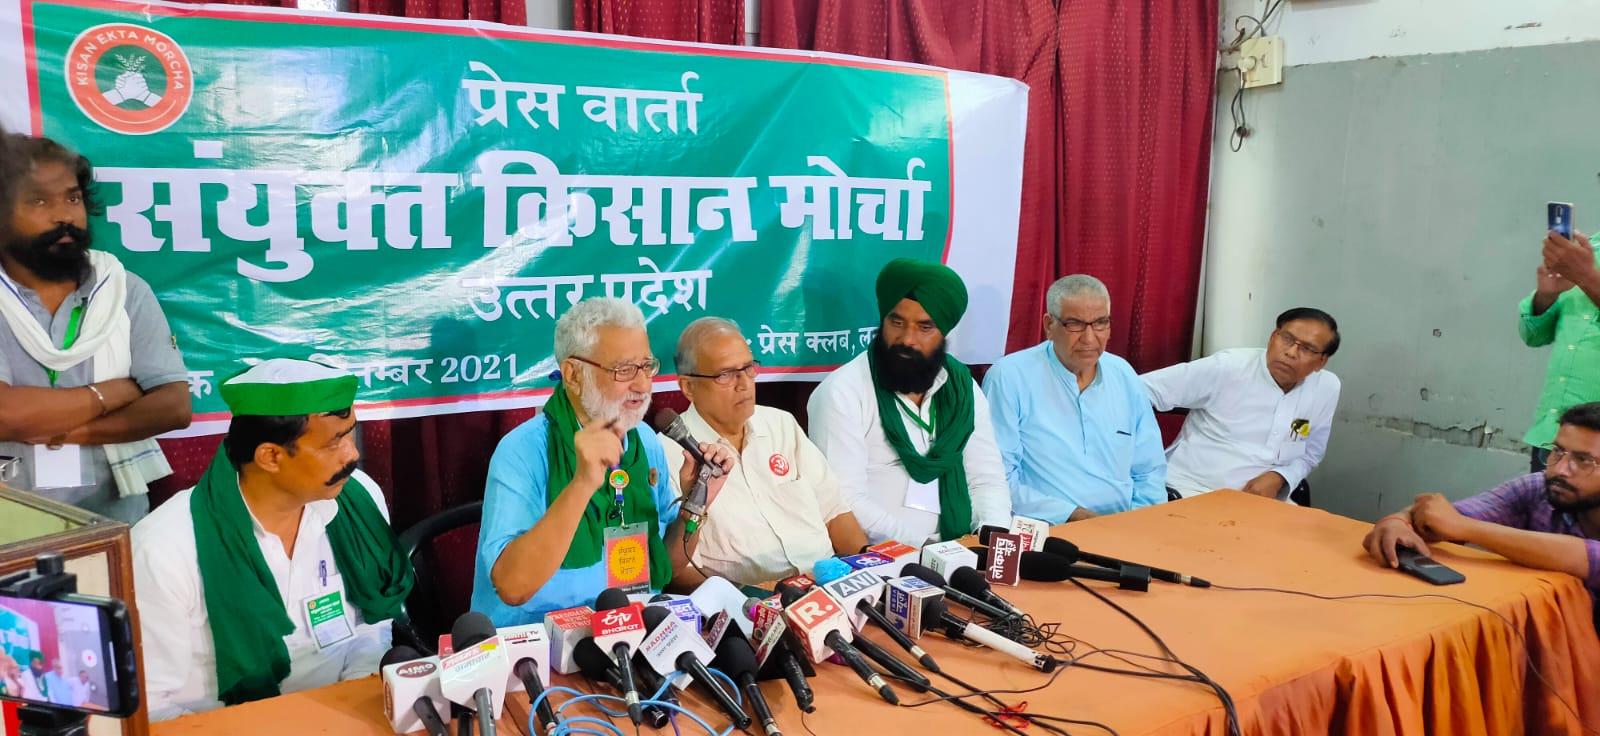 27 सितम्बर को  भारत बंद ऐतिहासिक  होगा उत्तर प्रदेश में